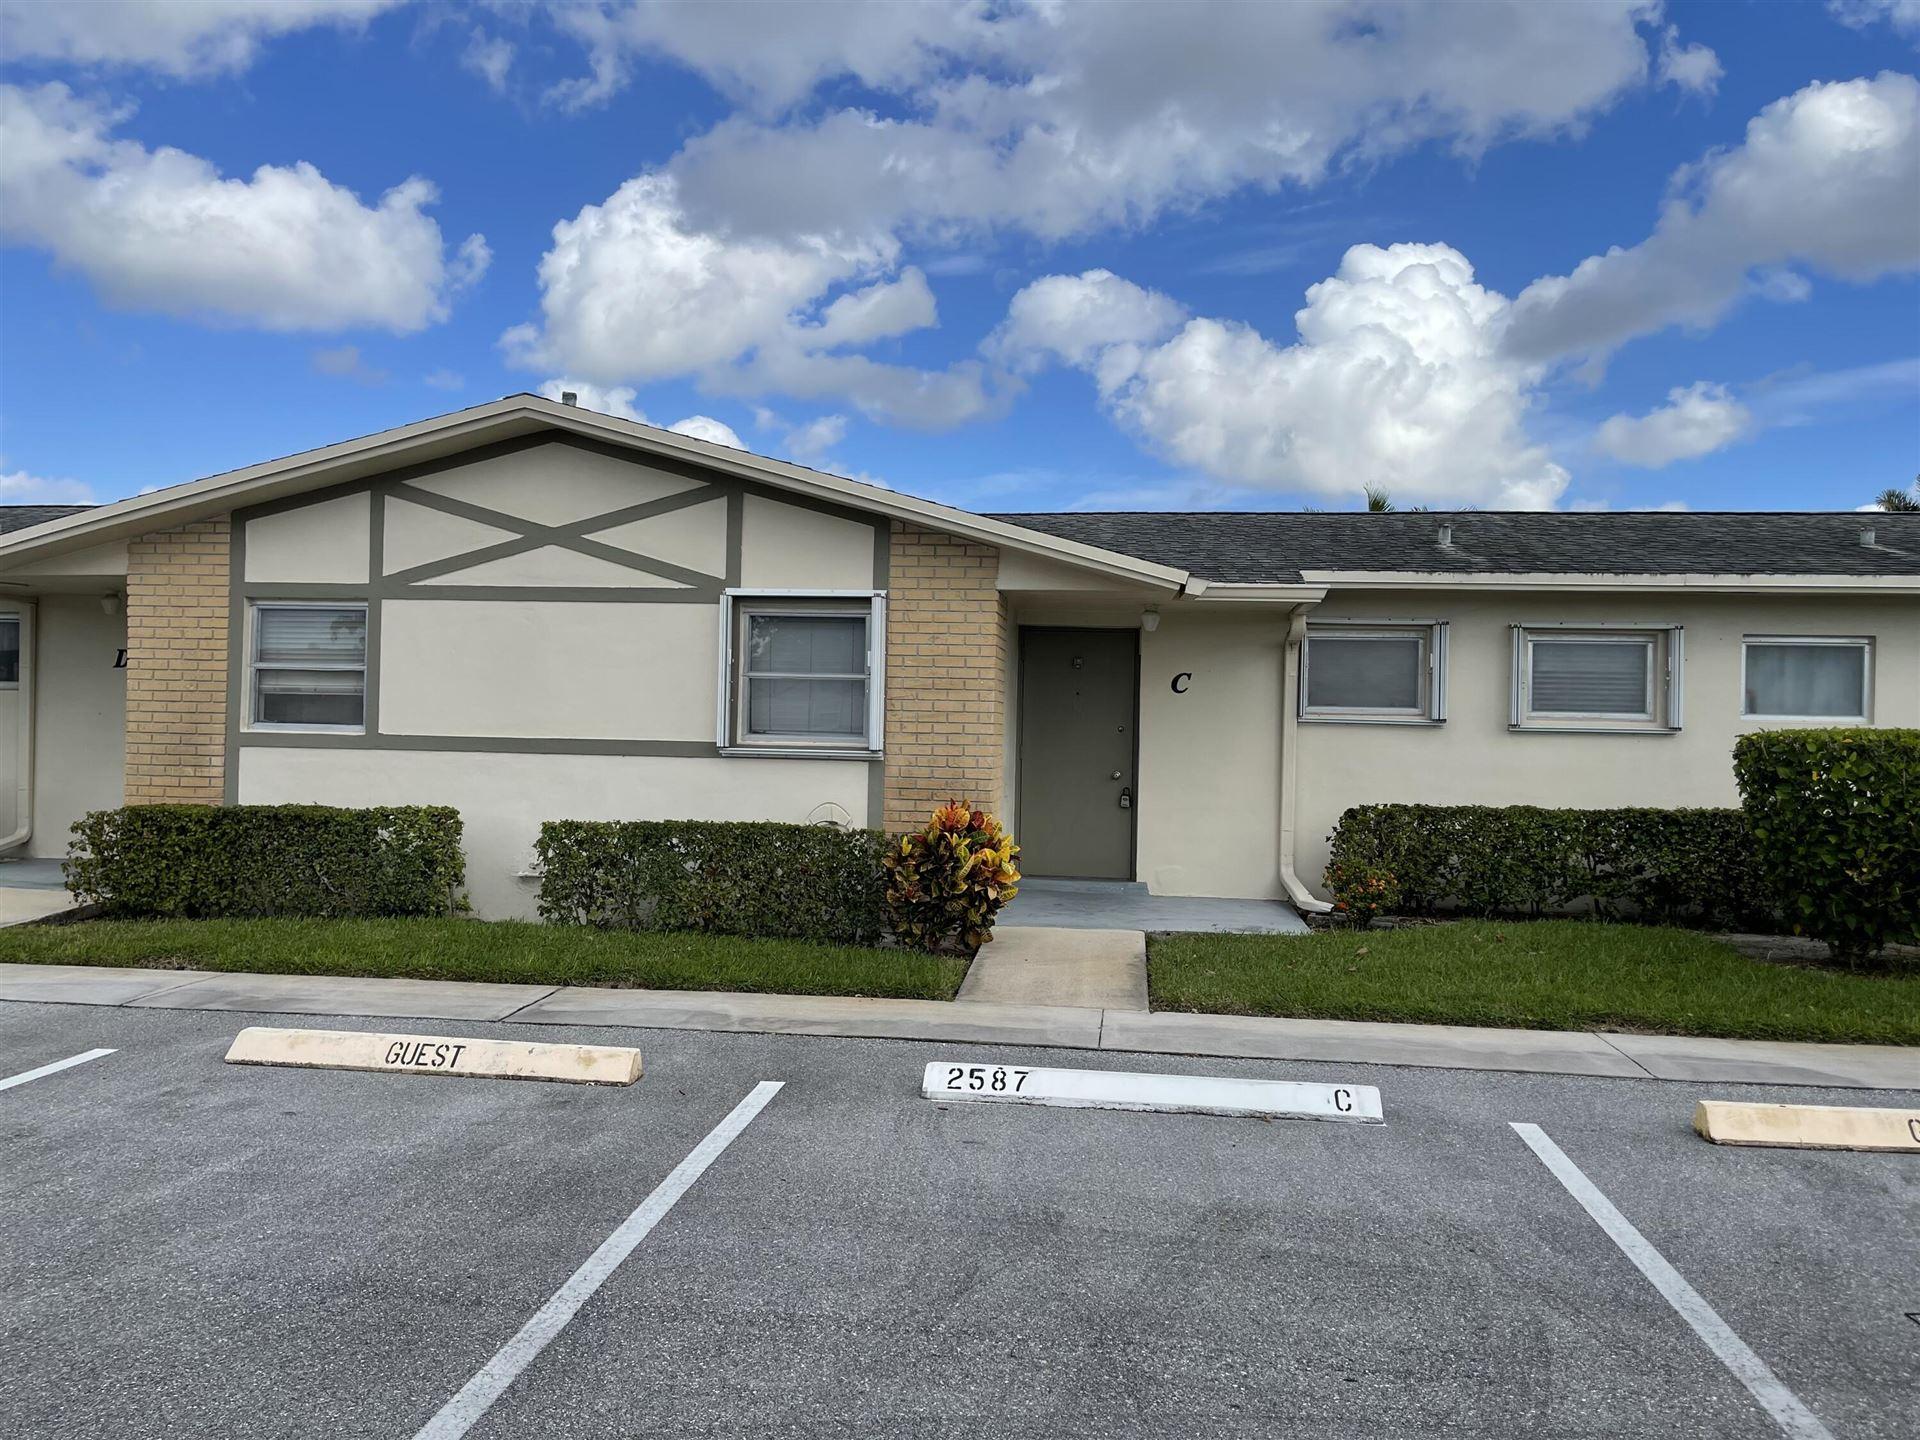 2587 W Emory Drive #C, West Palm Beach, FL 33415 - #: RX-10751663